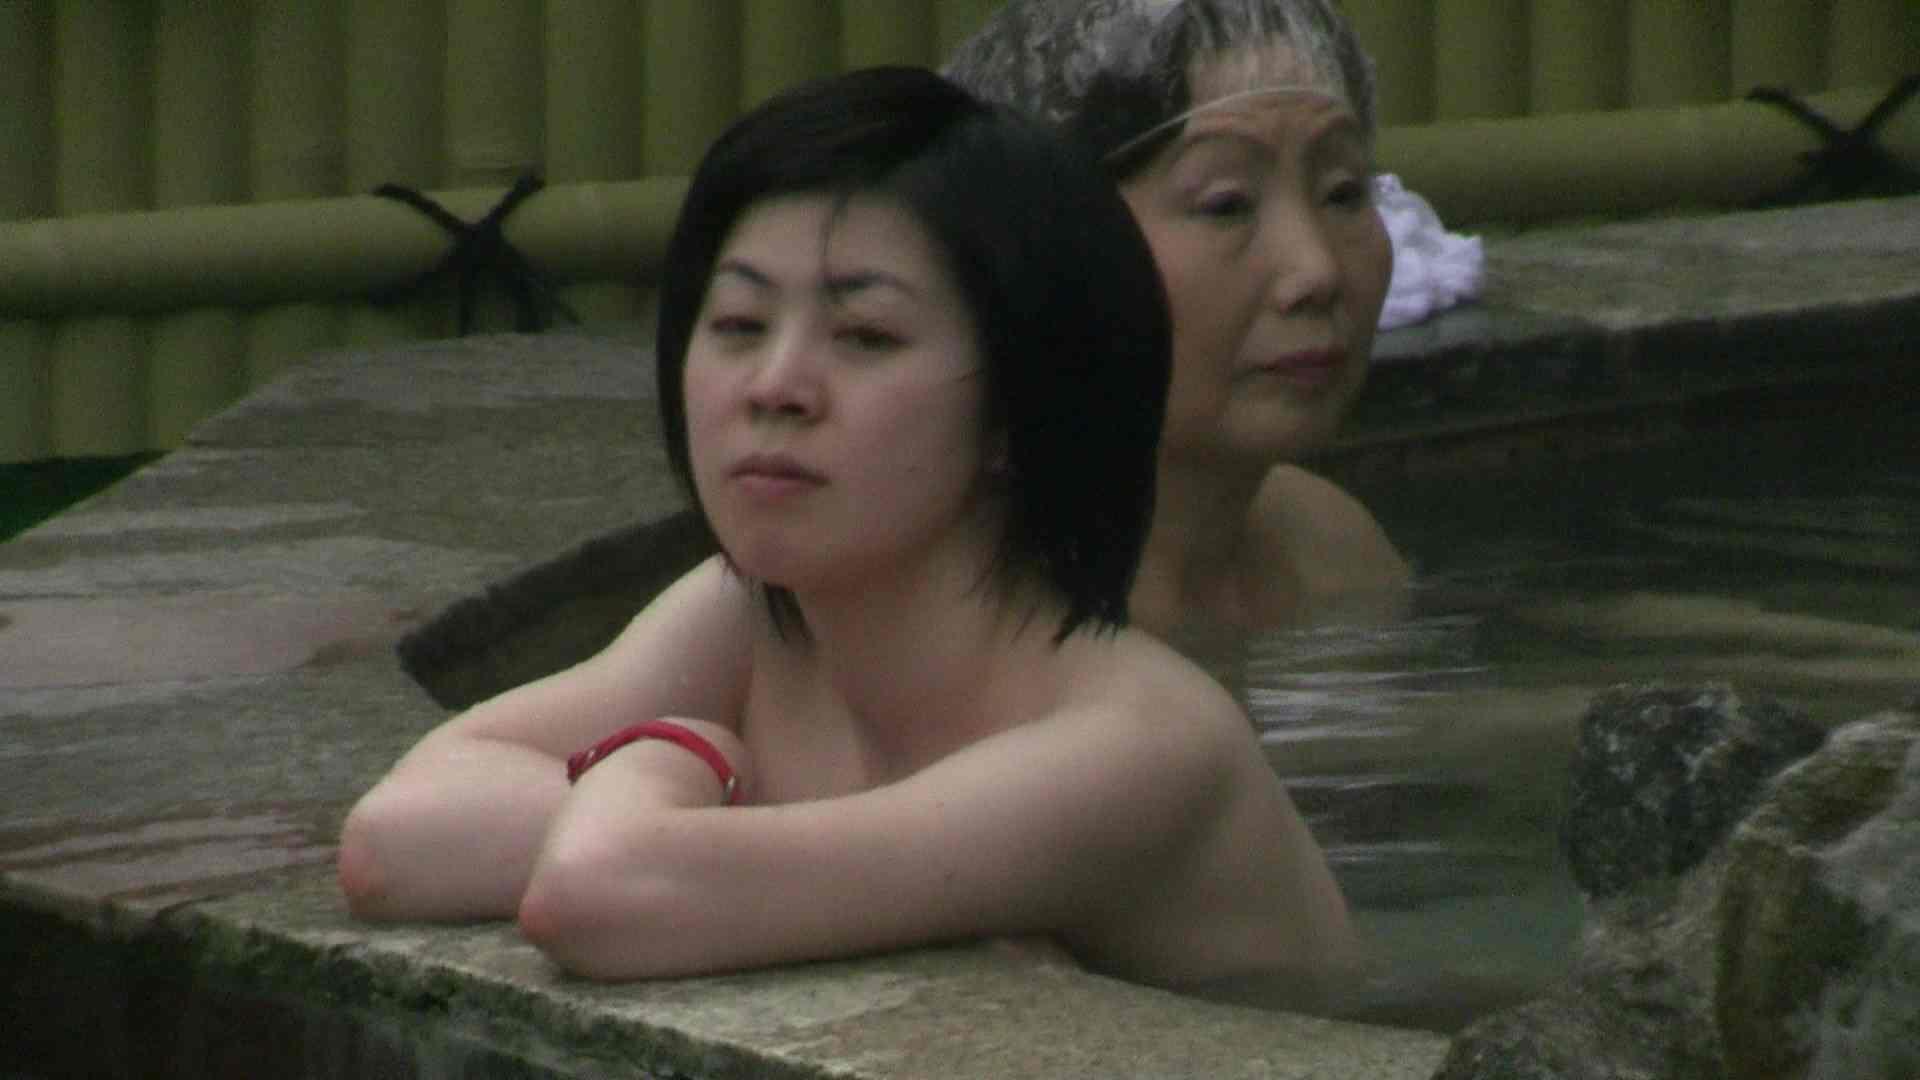 Aquaな露天風呂Vol.685 美しいOLの裸体 スケベ動画紹介 88pic 86